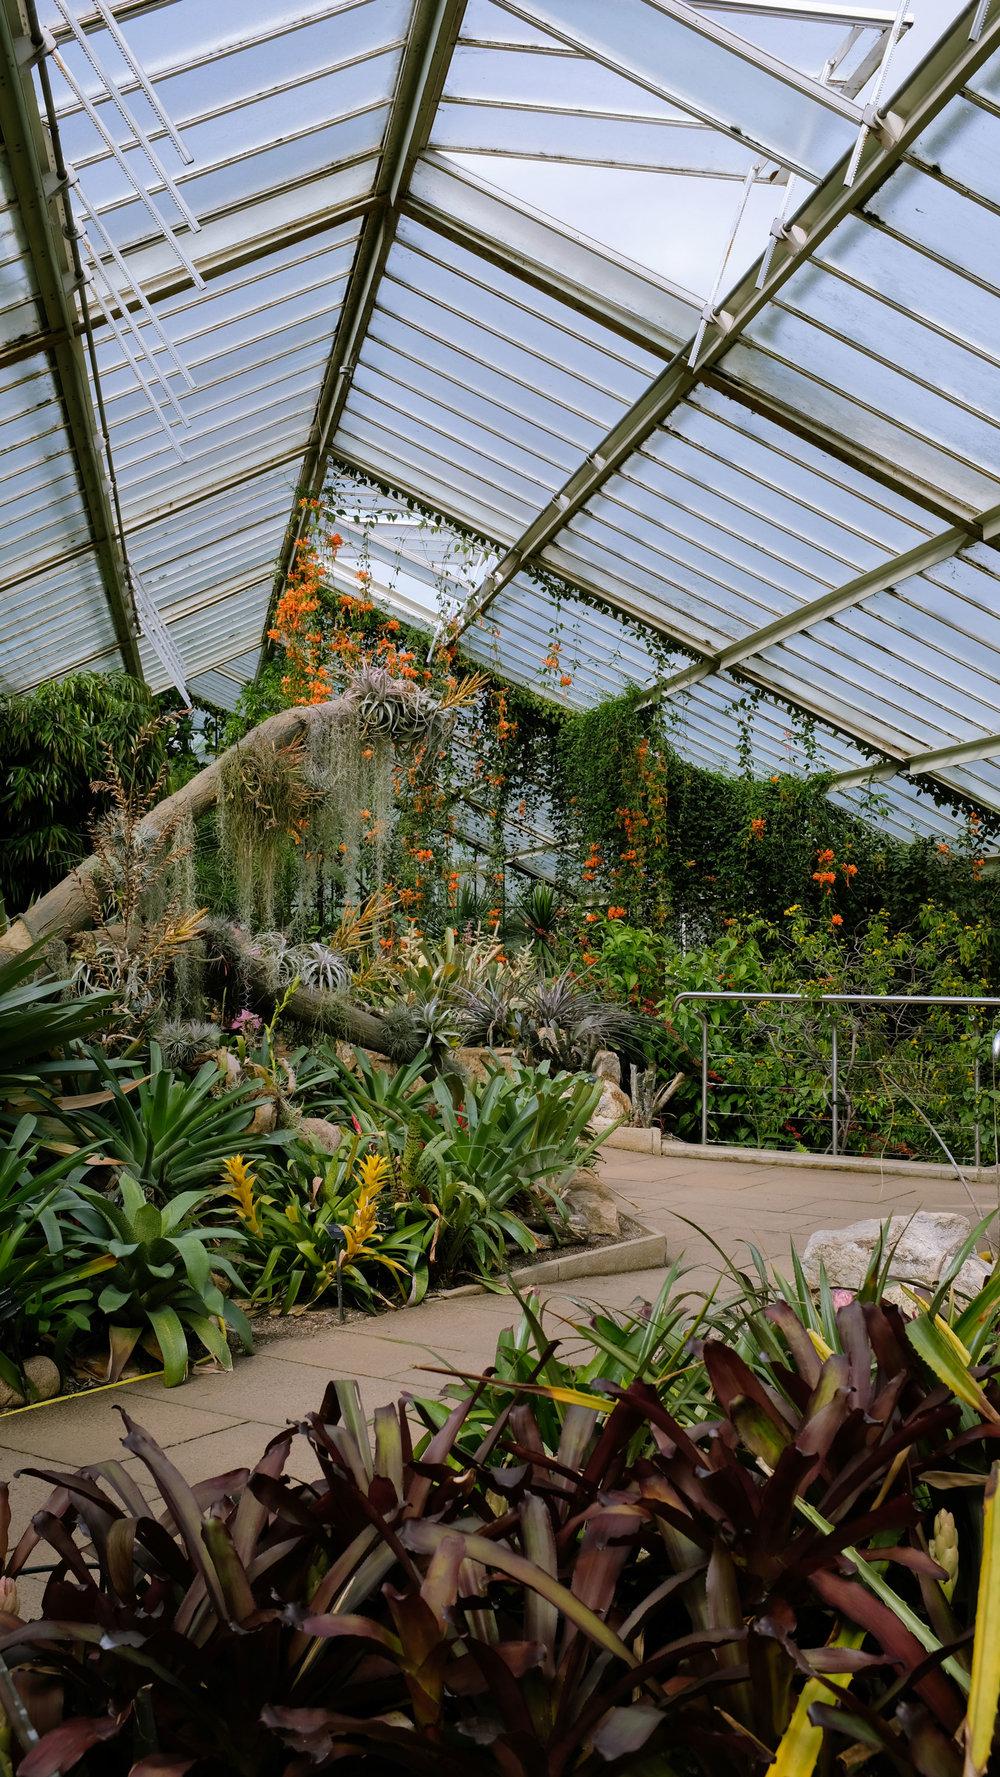 Kew_Gardens_25.jpg